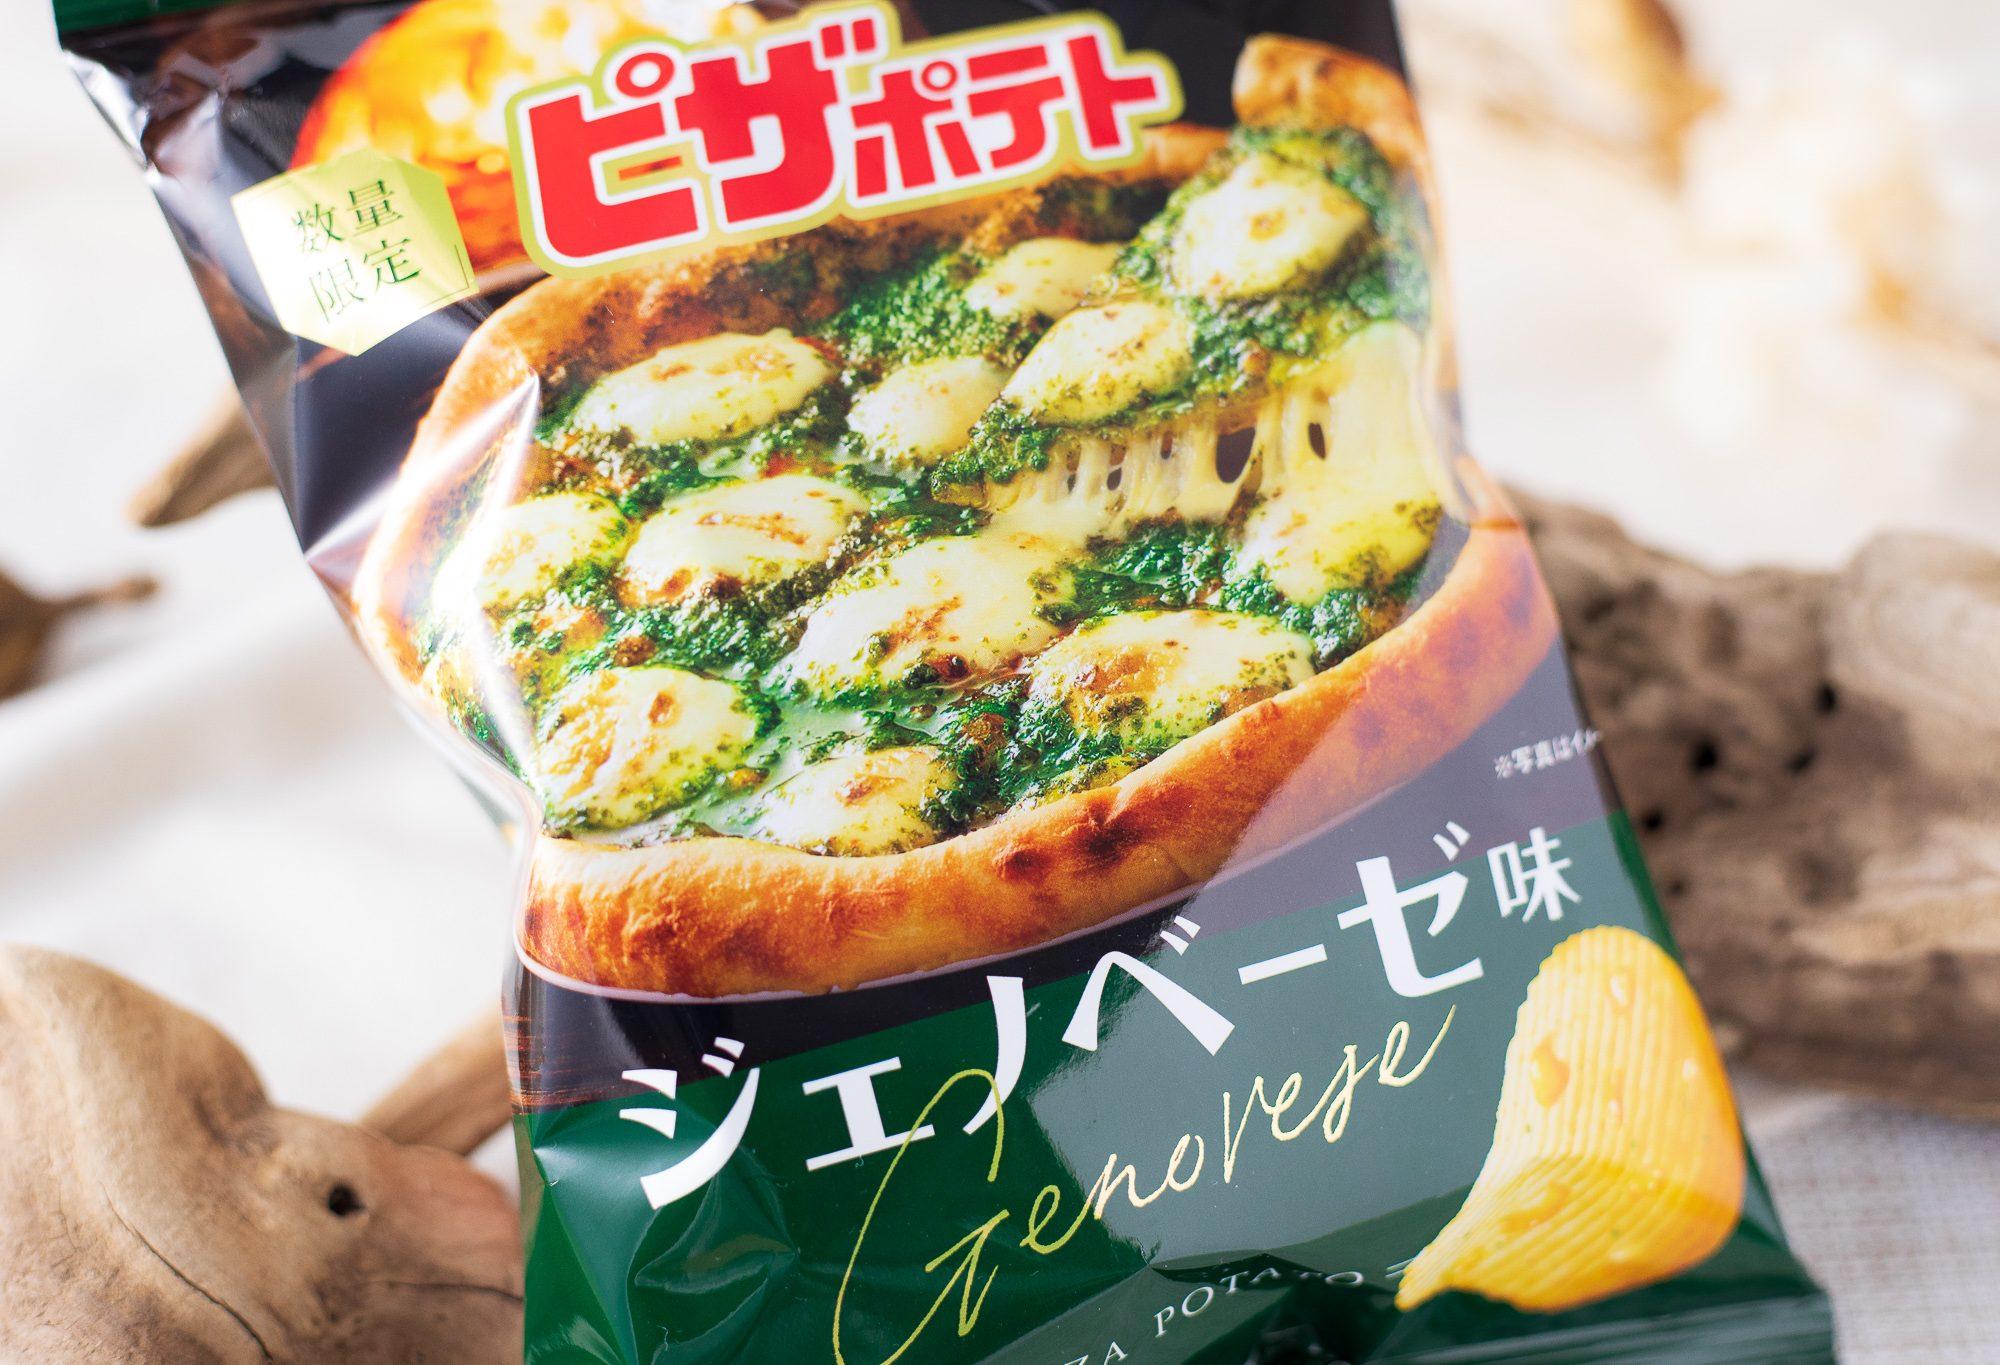 カルビー『ピザポテト ジェノベーゼ味』はバジルの爽やかな香りとチーズのコクが美味しいイタリアンピザポテト!